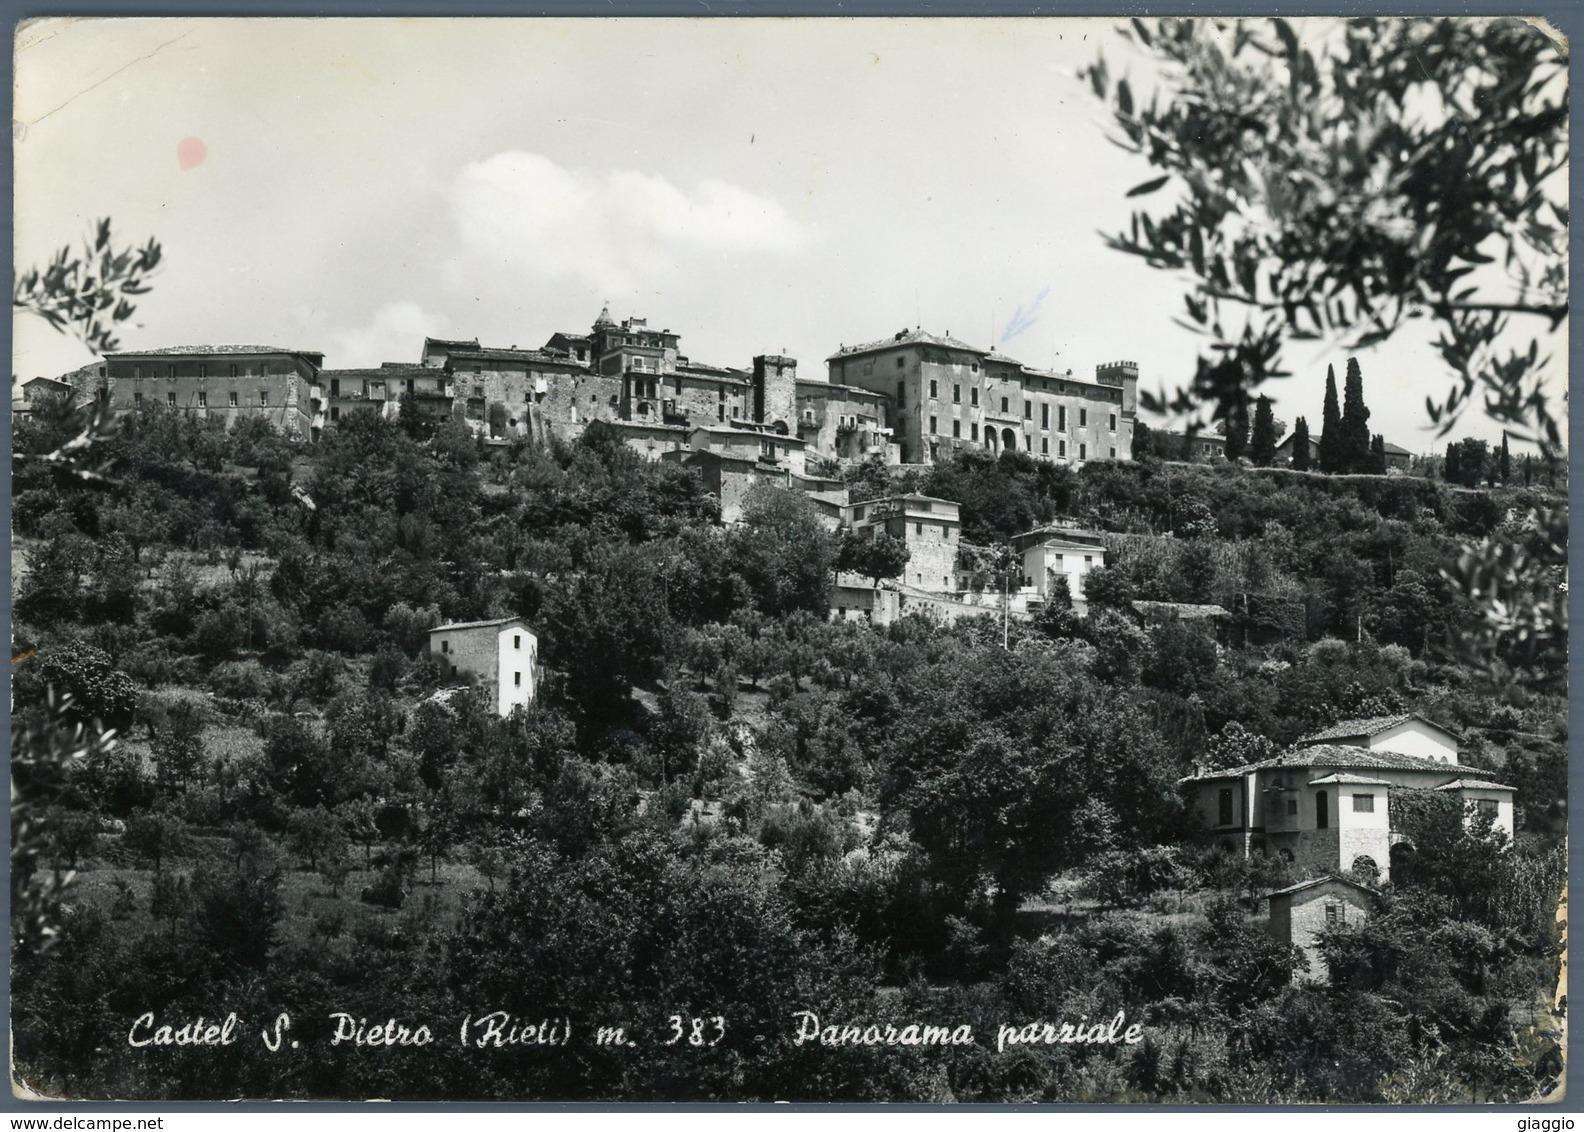 °°° Cartolina N. 65 Castel S. Pietro Panorama Parziale Viaggiata °°° - Rieti